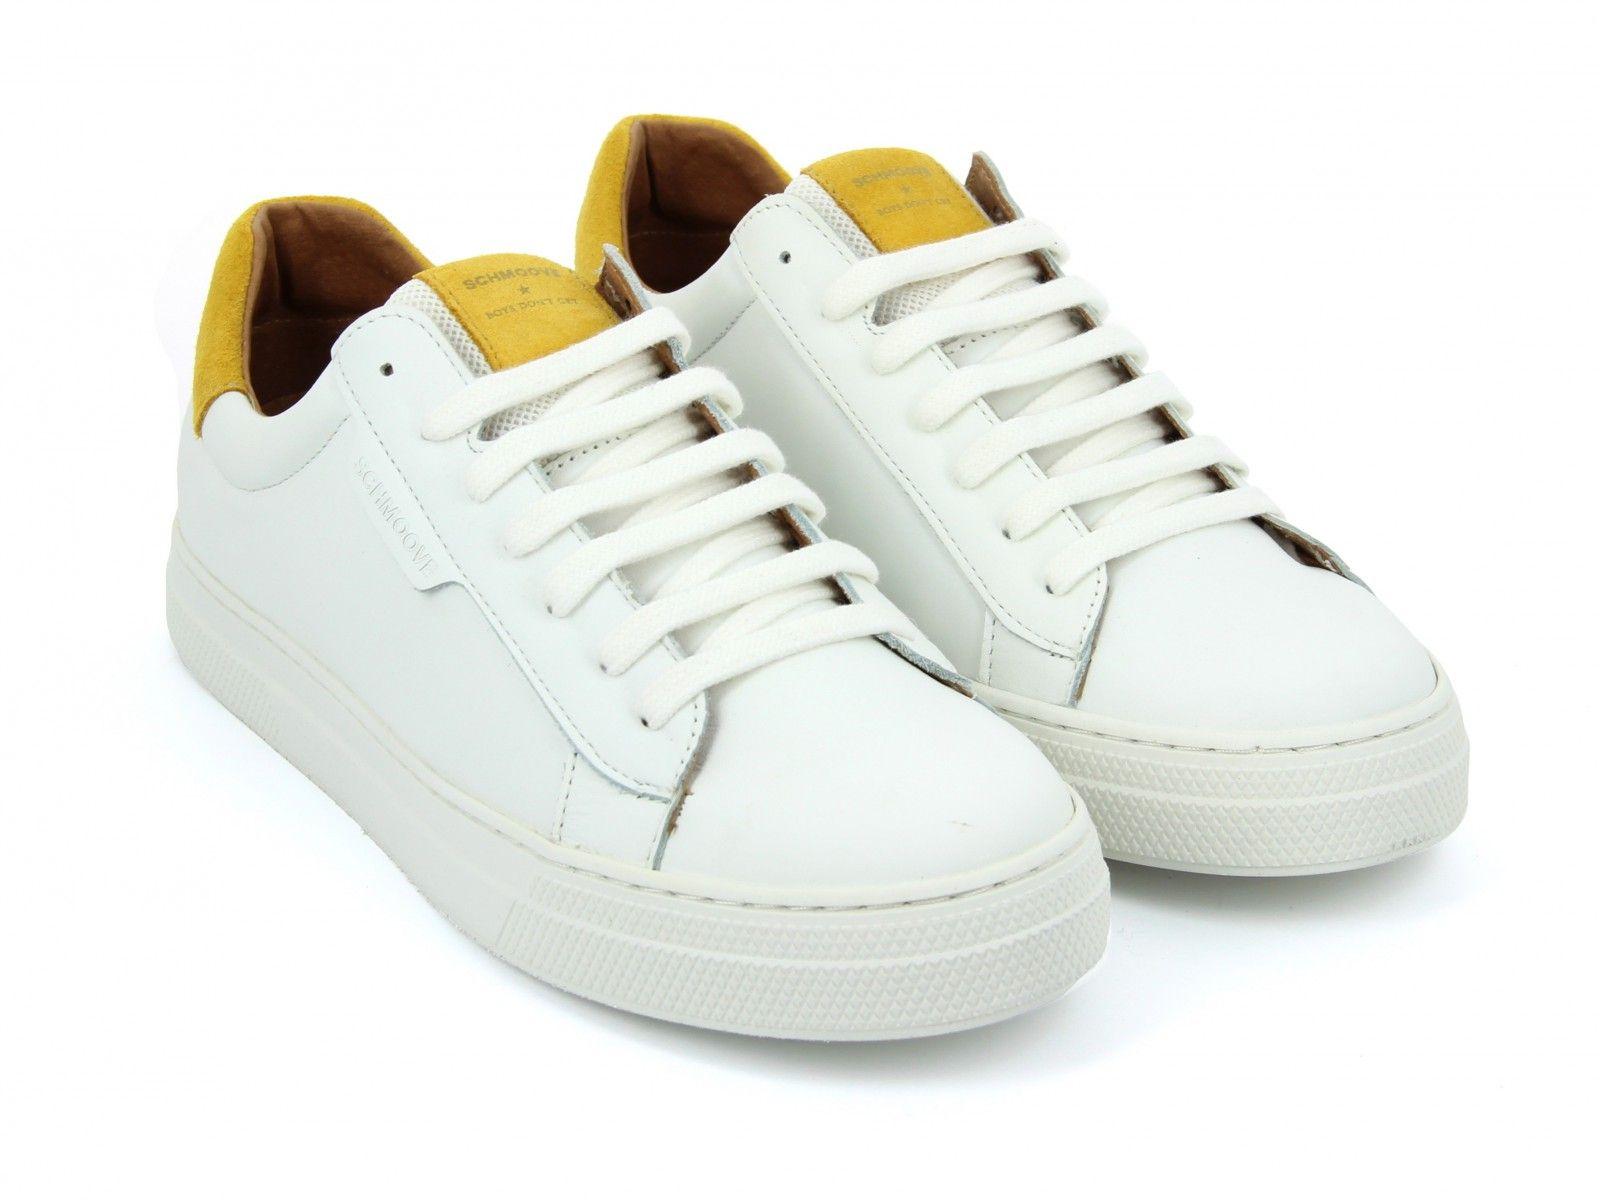 Quis Quis Chaussures Blanches Pour Les Hommes WFxVtE48